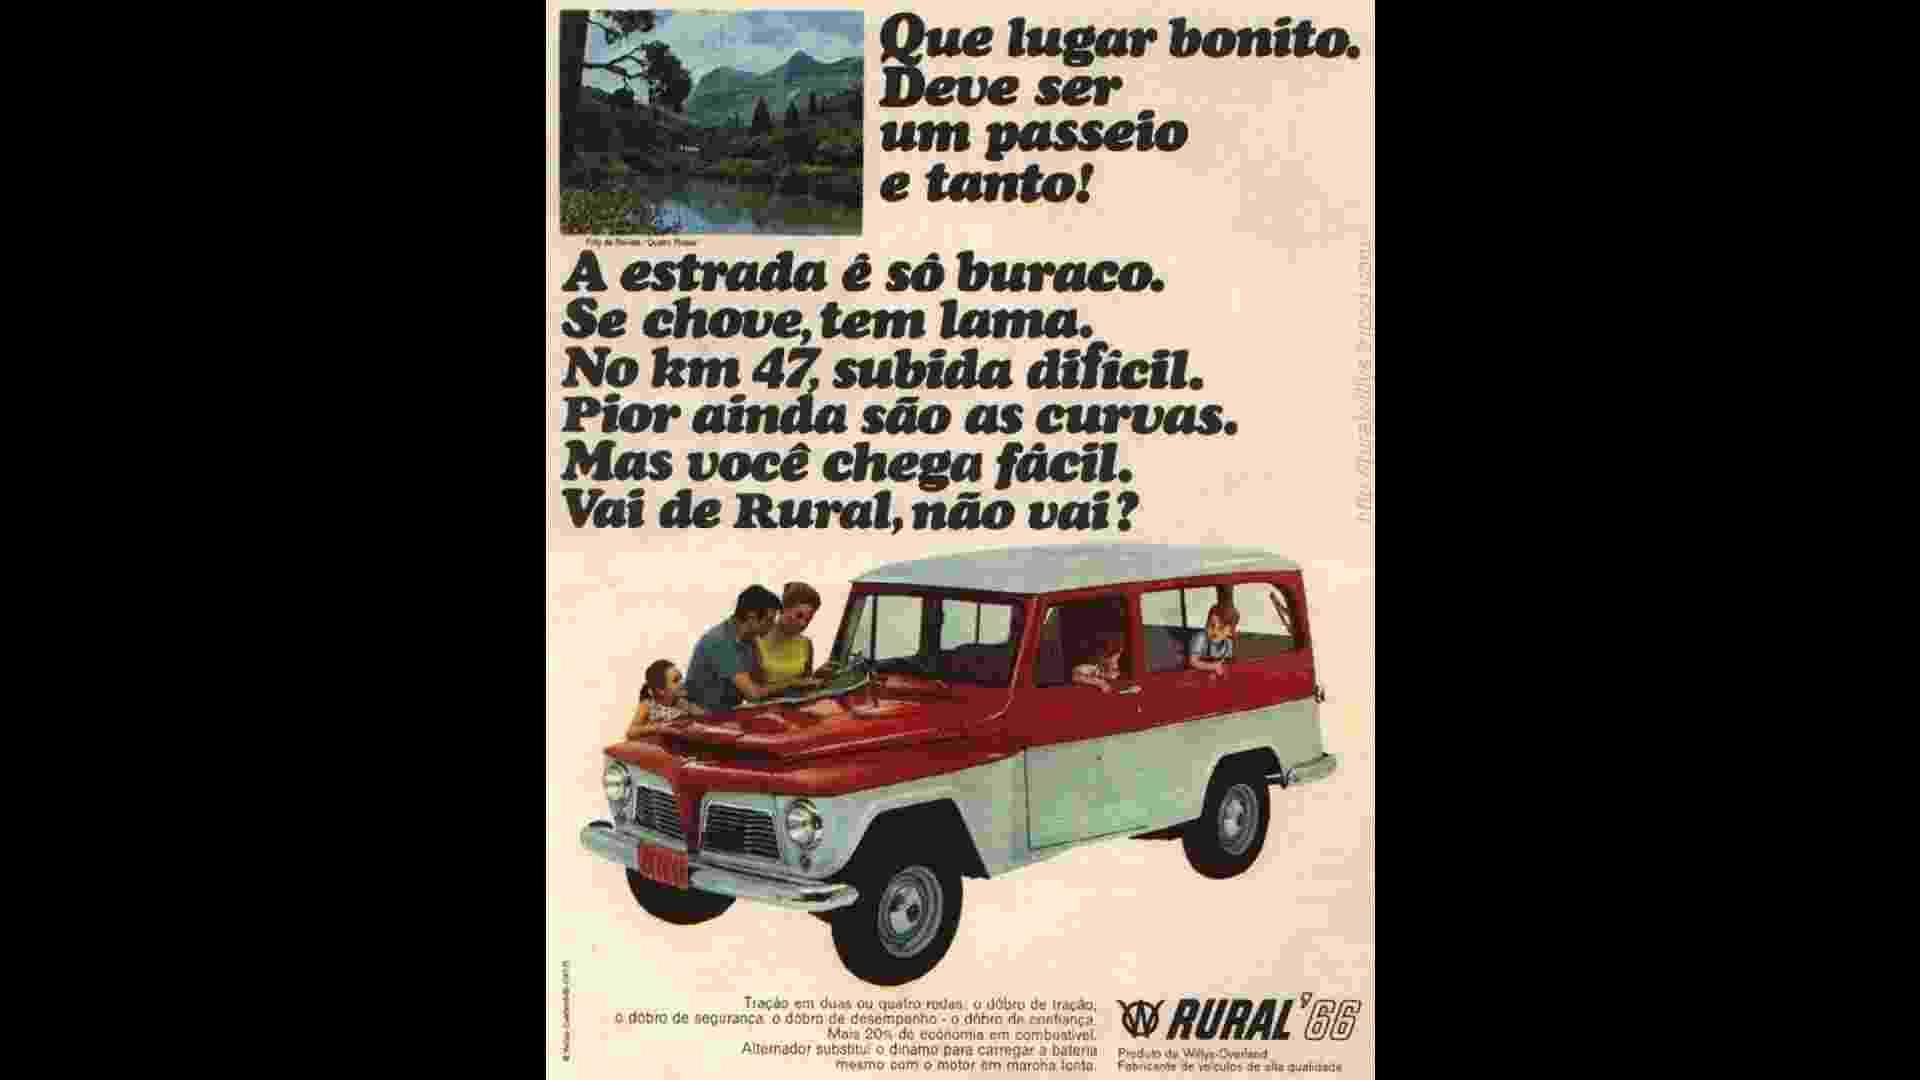 Willys-Overland Rural 1966 propaganda - Reprodução